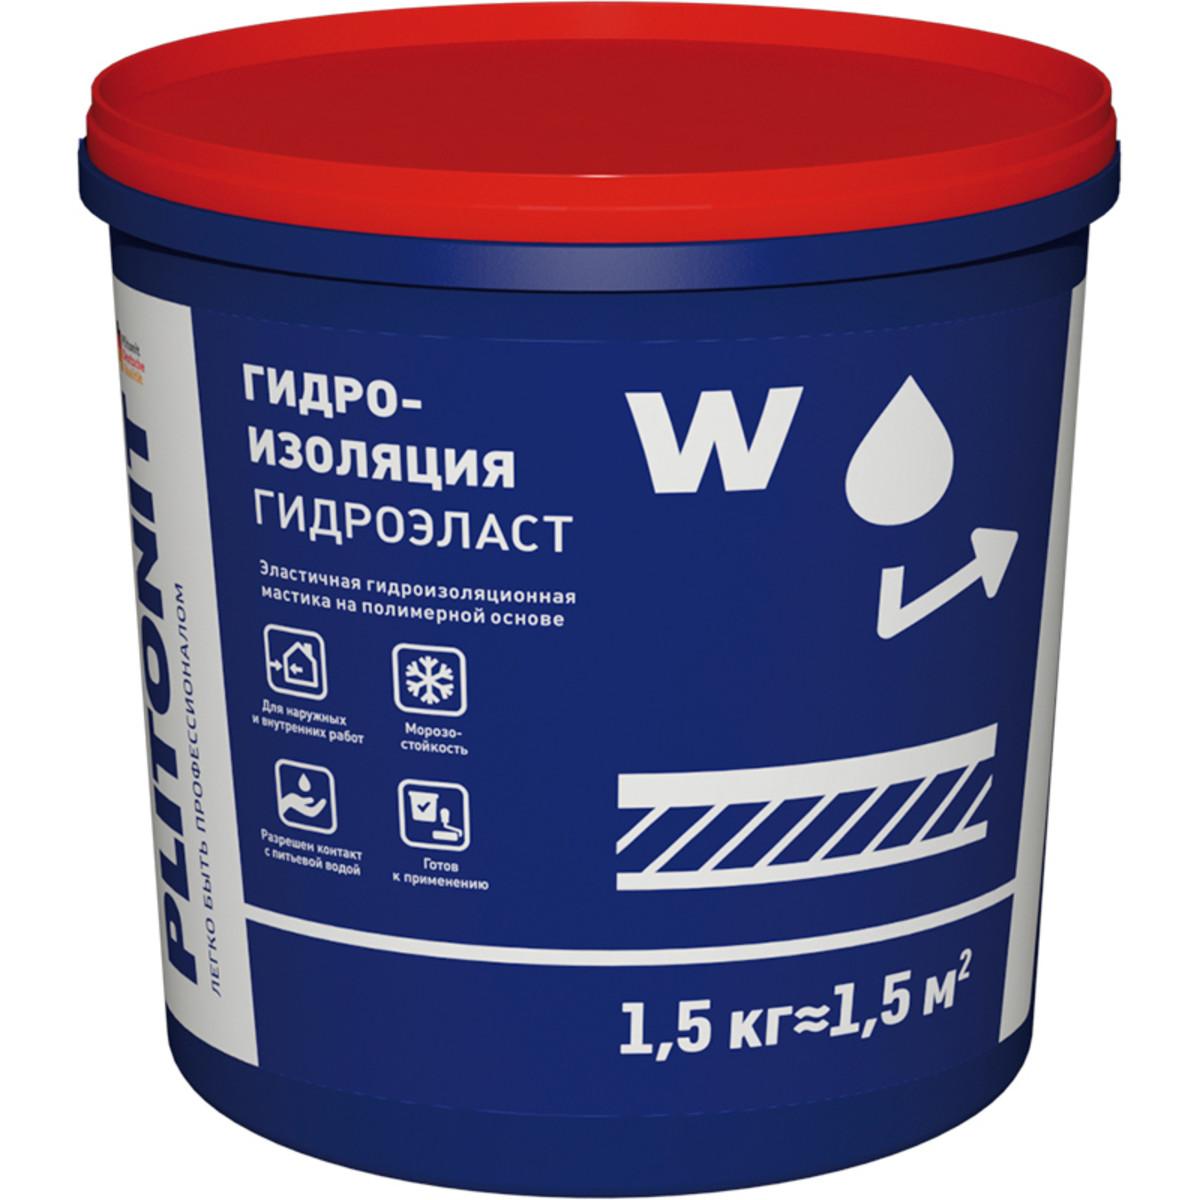 Гидроизоляция Plitonit ГидроЭласт на полимерной основе 1.5 кг